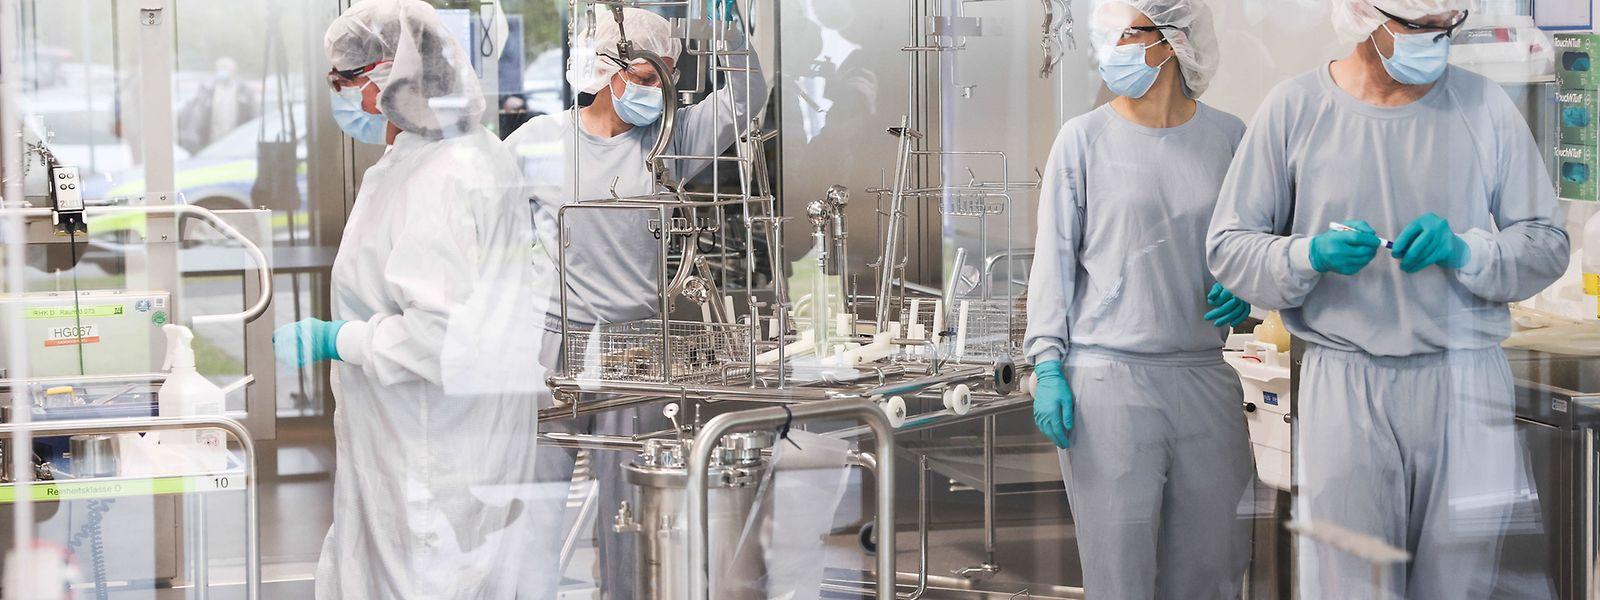 Mitarbeiterinnen und Mitarbeiter in Reinraumkleidung arbeiten in der Produktion des Impfstoffes Comirnaty von Biontech/Pfizer in den Produktionsstätten von Allergopharma in Reinbek.